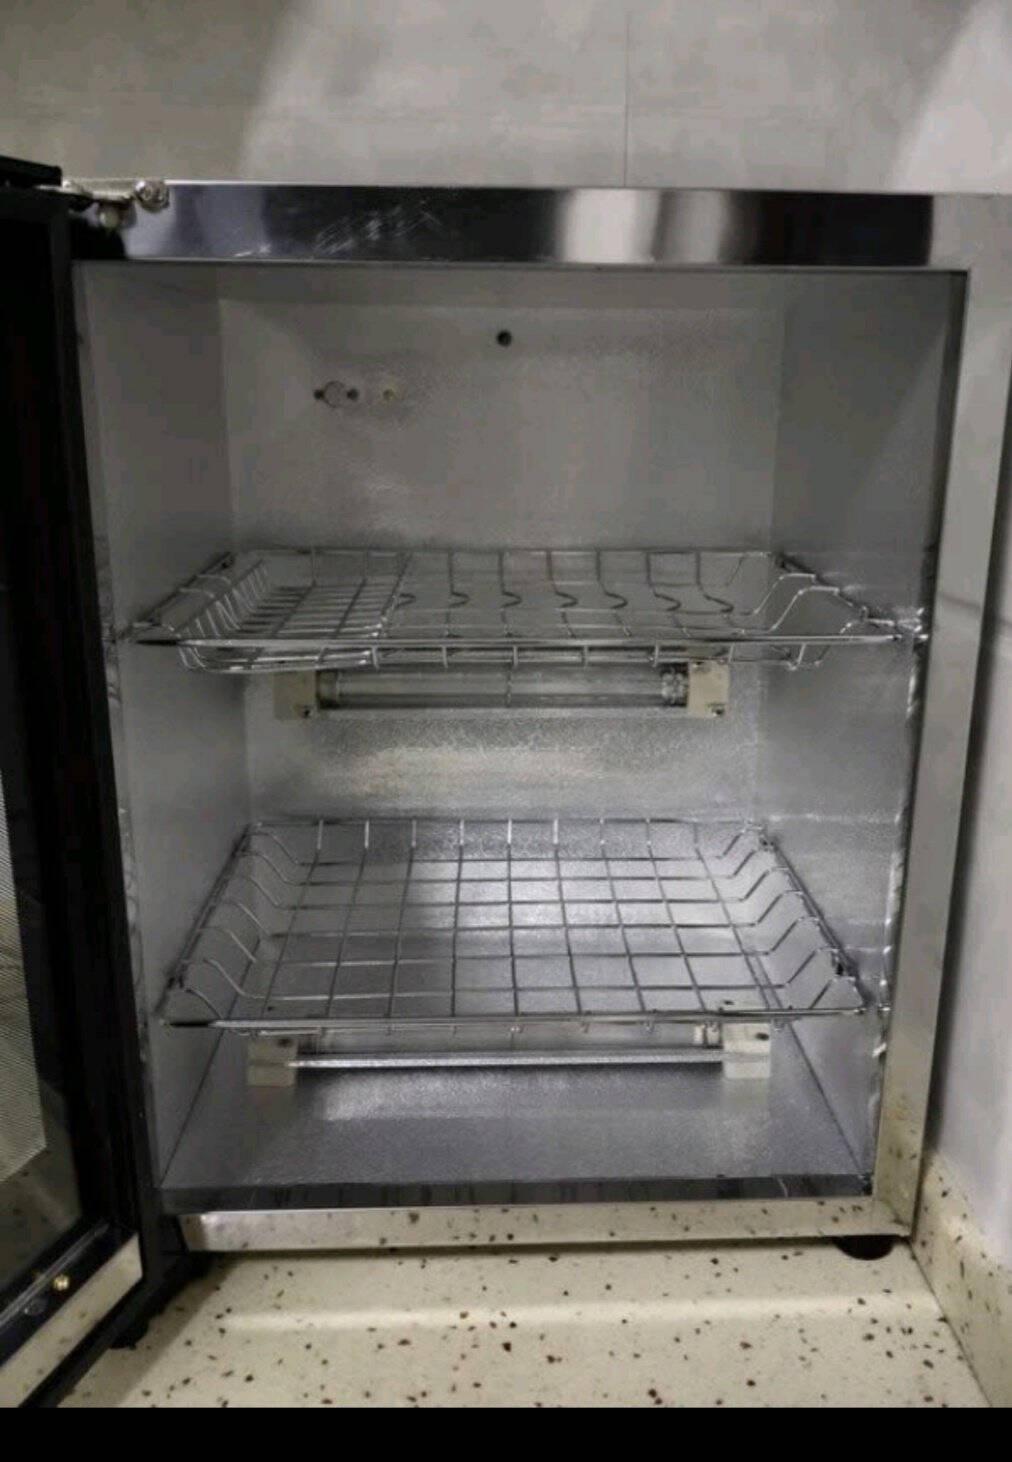 耐惠(NAAFI)台式消毒柜家用小型迷你高温厨房碗筷碗柜餐具消毒碗柜桌面式商用茶杯茶具柜XDR53-TNP1